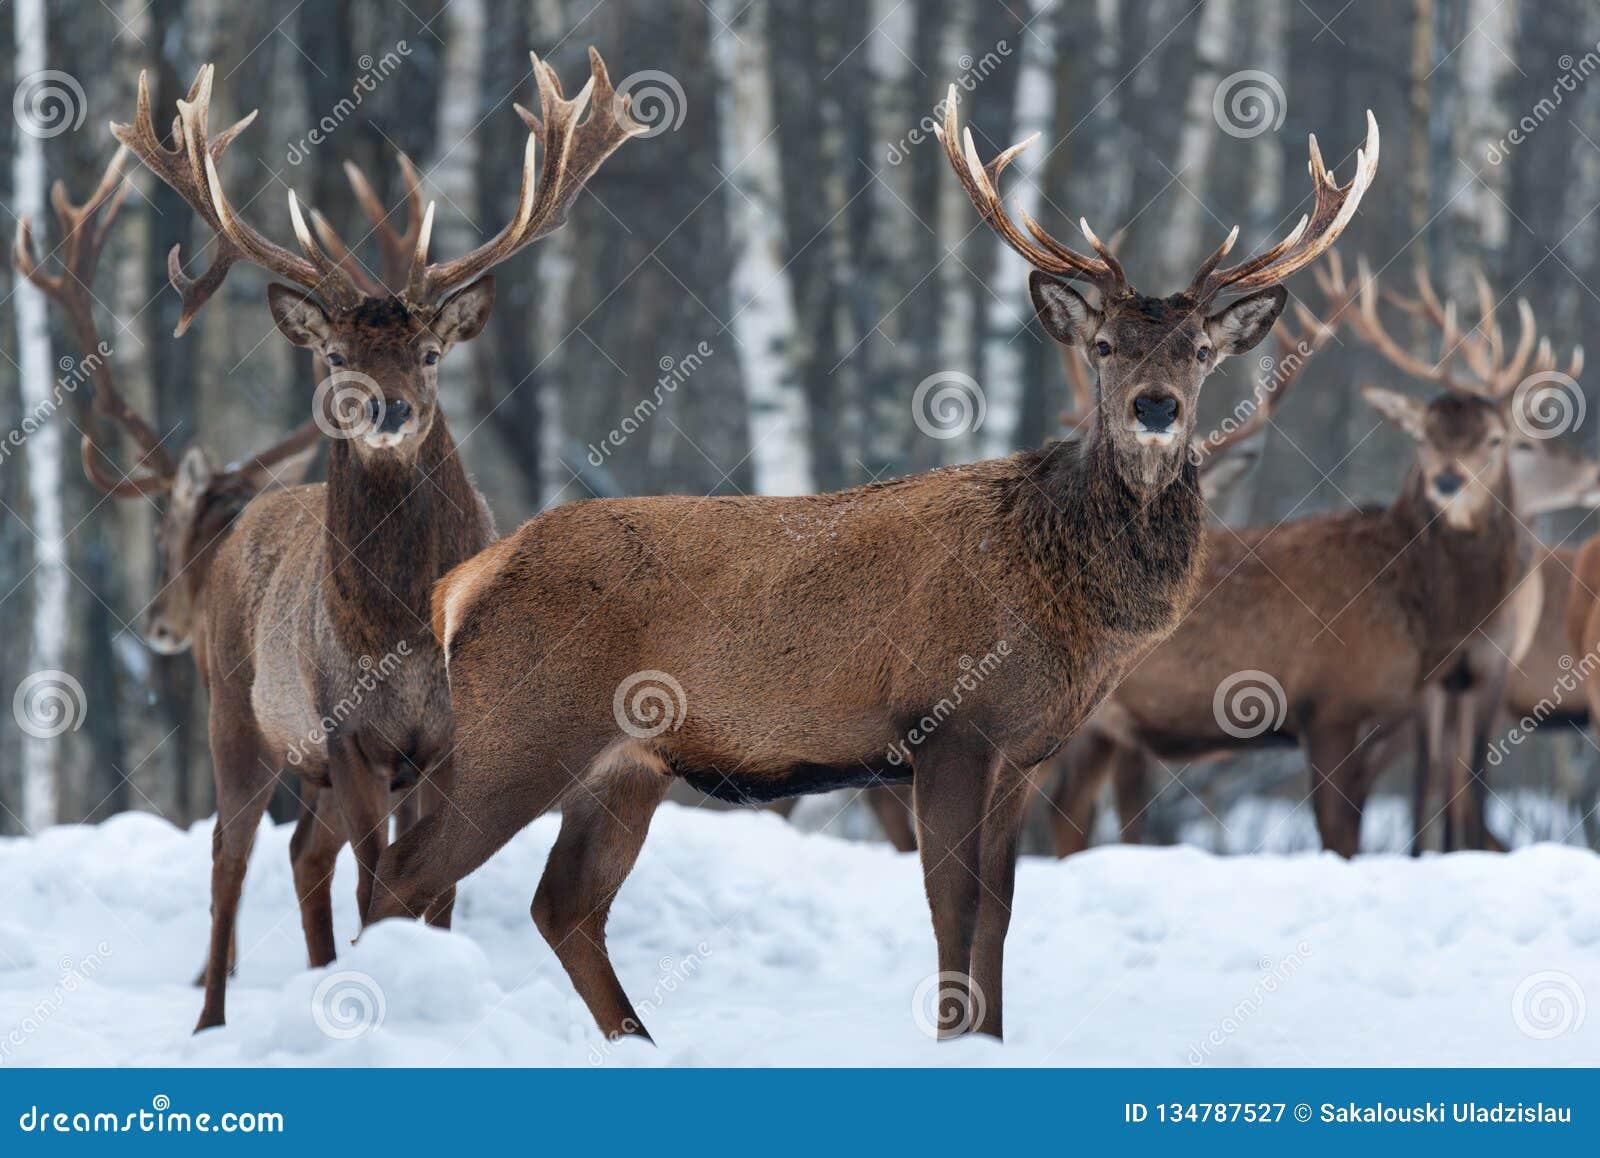 高尚的鹿鹿Elaphus牧群在冬时的自然生态环境:一个大型装配架在外形,其他站立斜向一边-前面